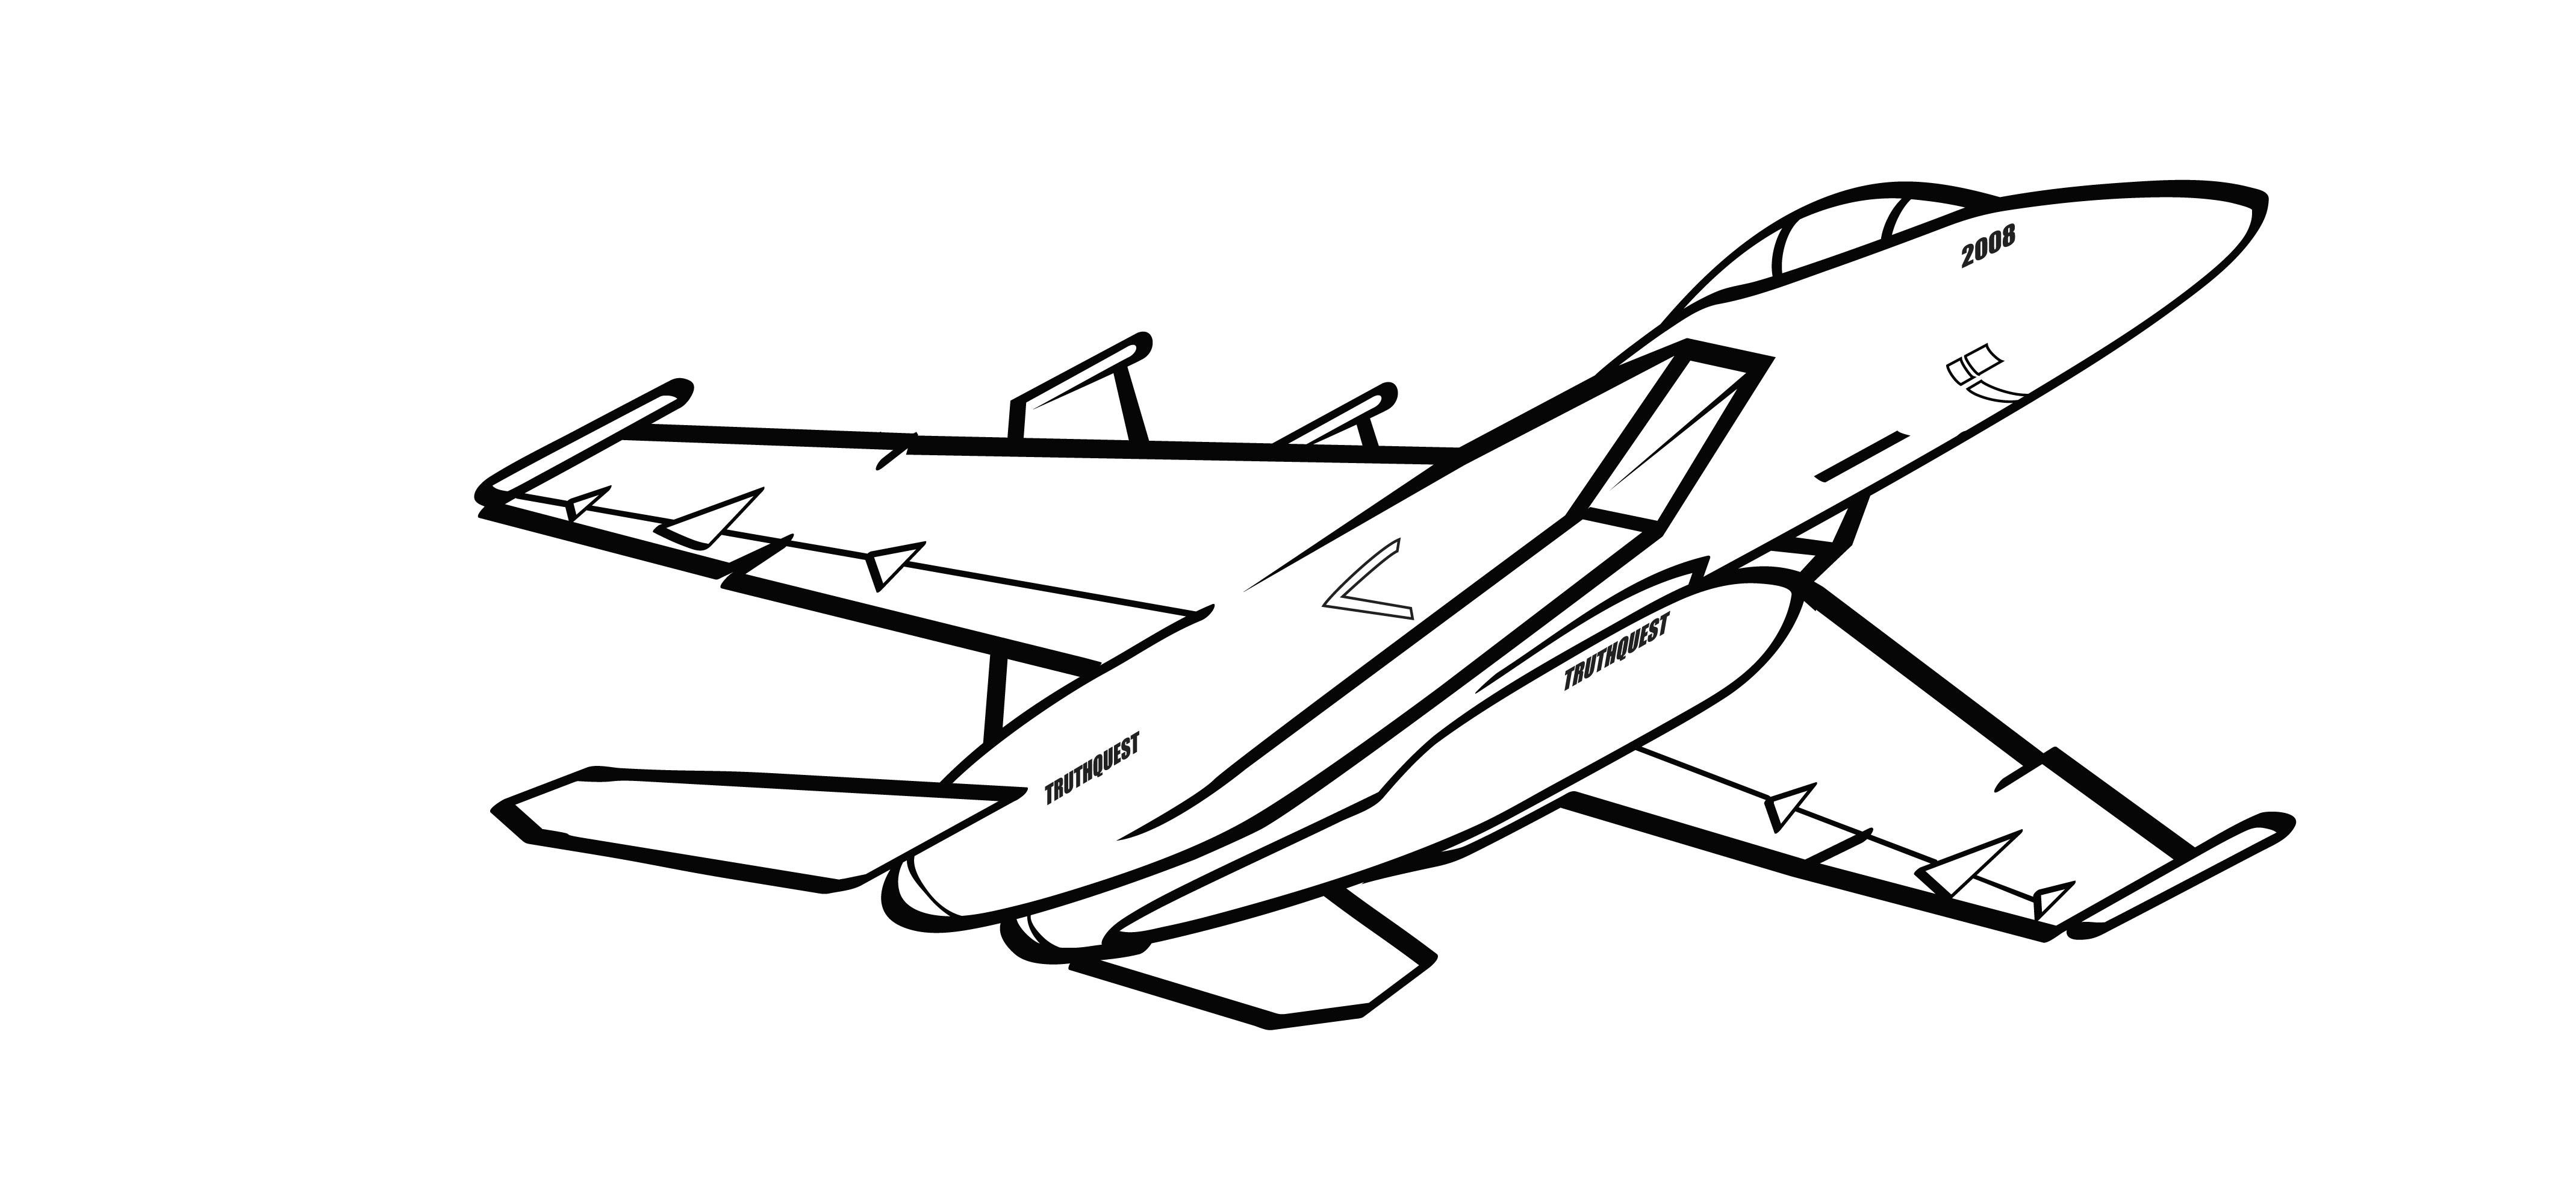 F 15 Eagle Clipart